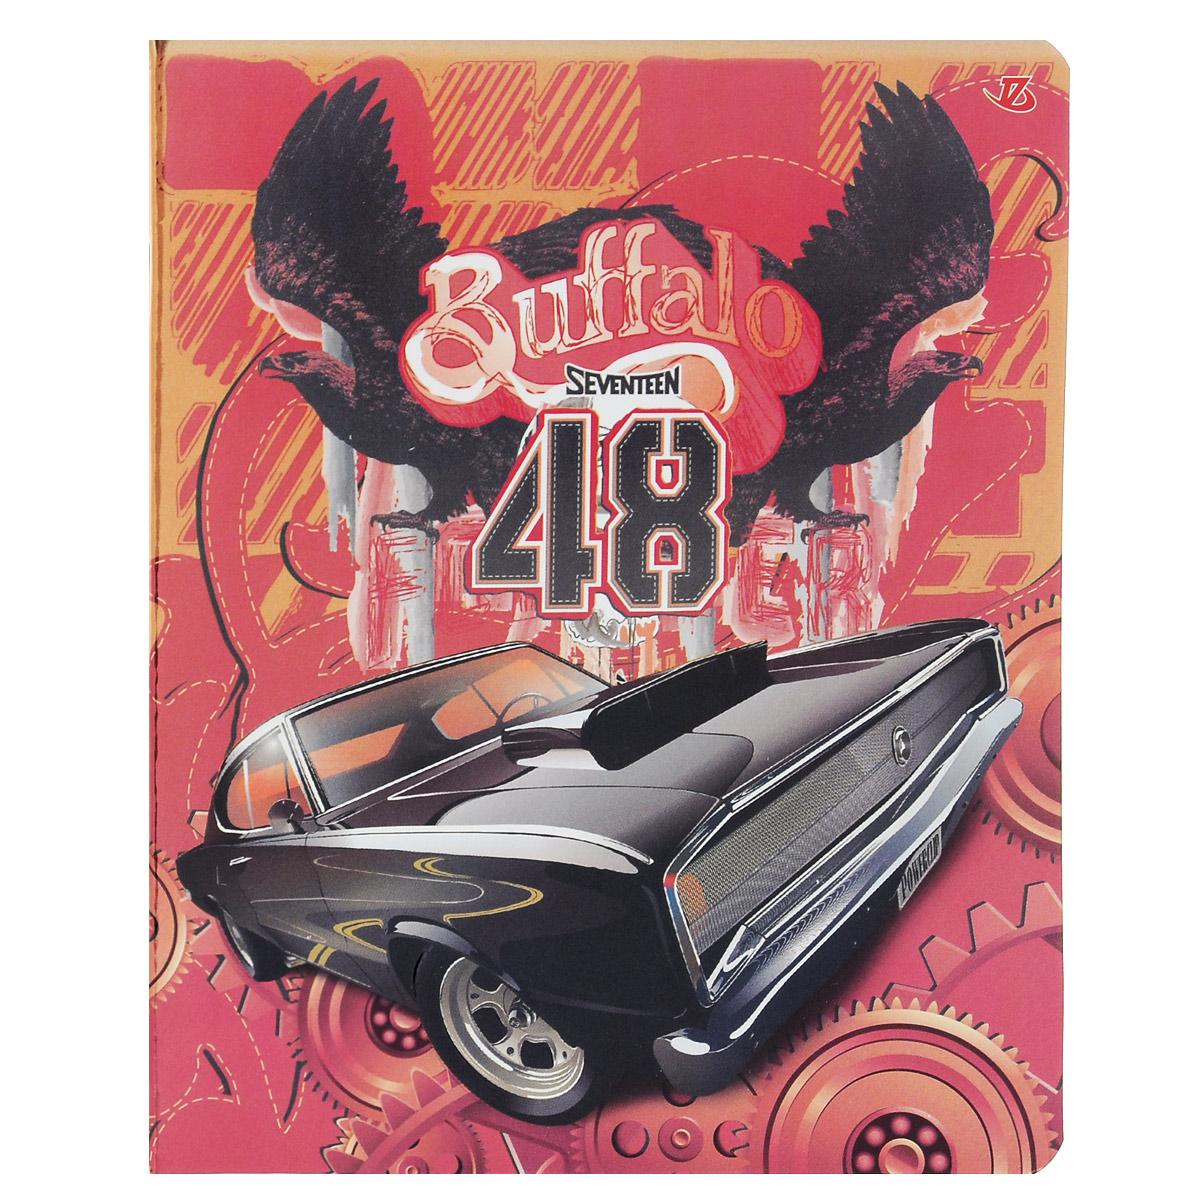 Тетрадь Seventeen Buffalo 48, цвет: красный, черный, 48 листов72523WDТетрадь Seventeen Buffalo 48 прекрасно подойдет как студенту, так и школьнику.Обложка тетради с фактурным изображением черного автомобиля выполнена из мелованного картона с закругленными углами.Внутренний блок тетради состоит из 48 листов высококачественной бумаги повышенной белизны. Стандартная линовка в клетку дополнена полями, совпадающими с лицевой и оборотной стороны листа. Первая страничка содержит поля для заполнения личных данных.